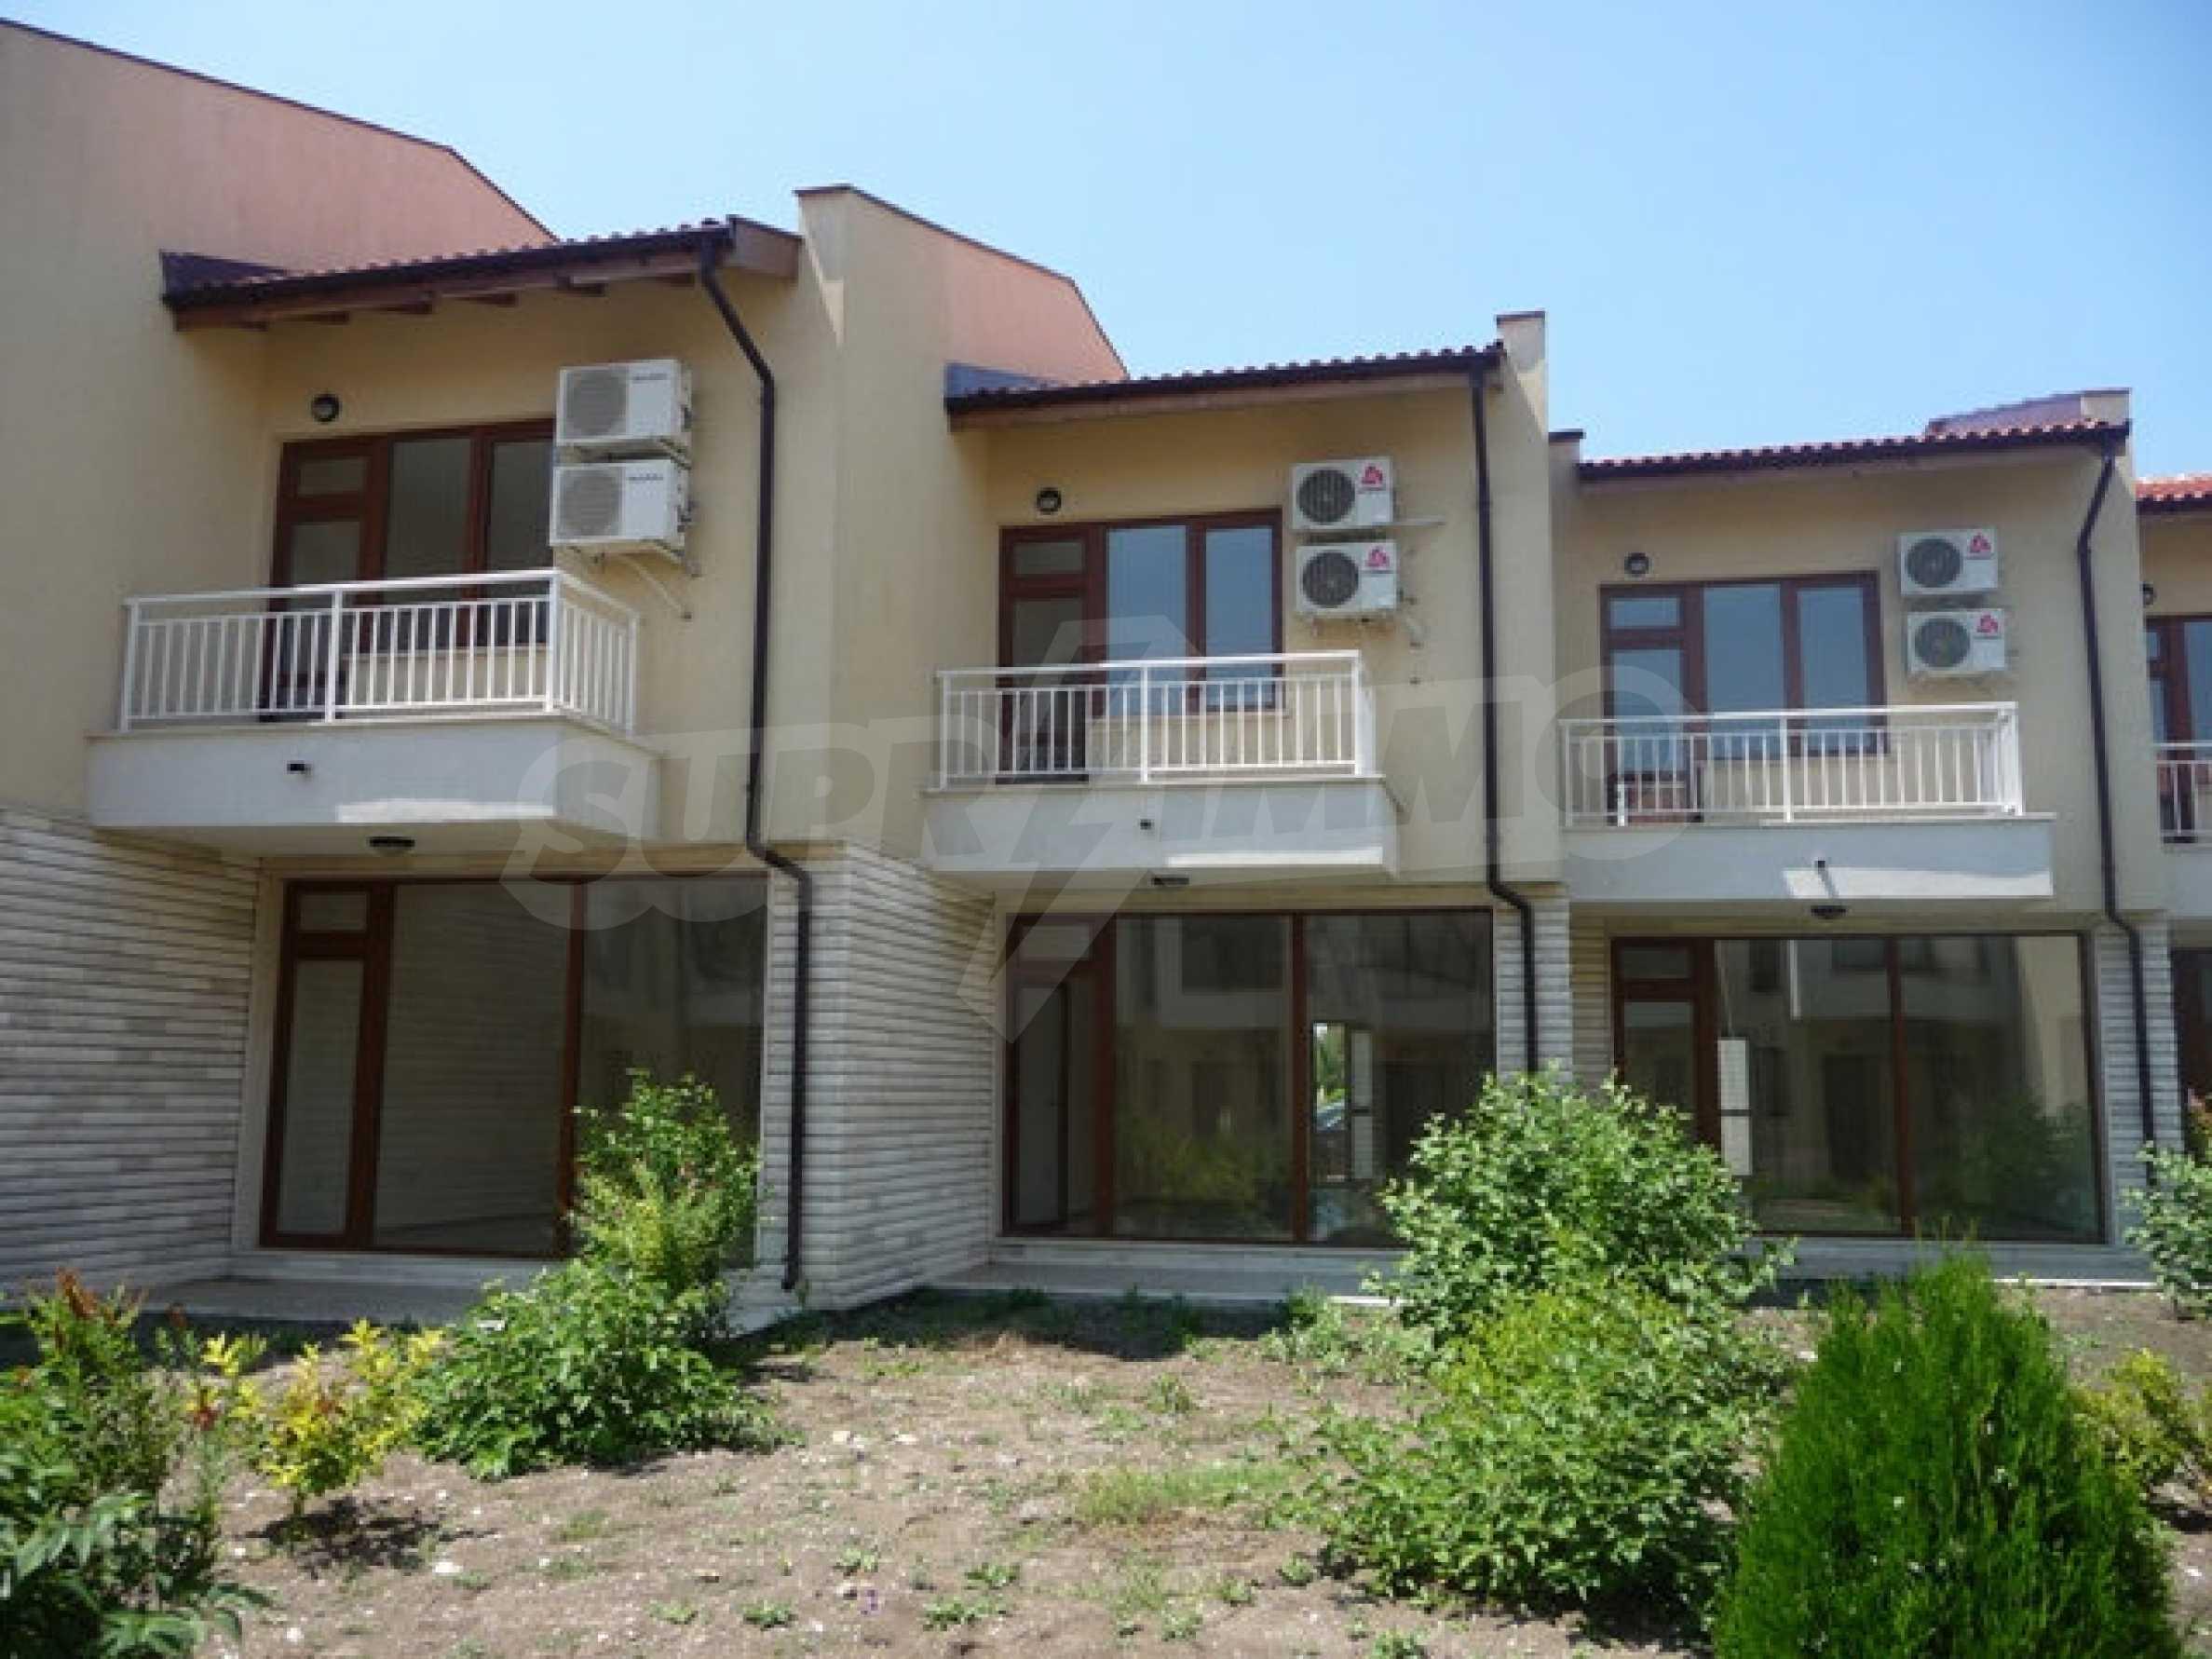 Двуетажна къща в Лайтхоус Голф Резорт 5